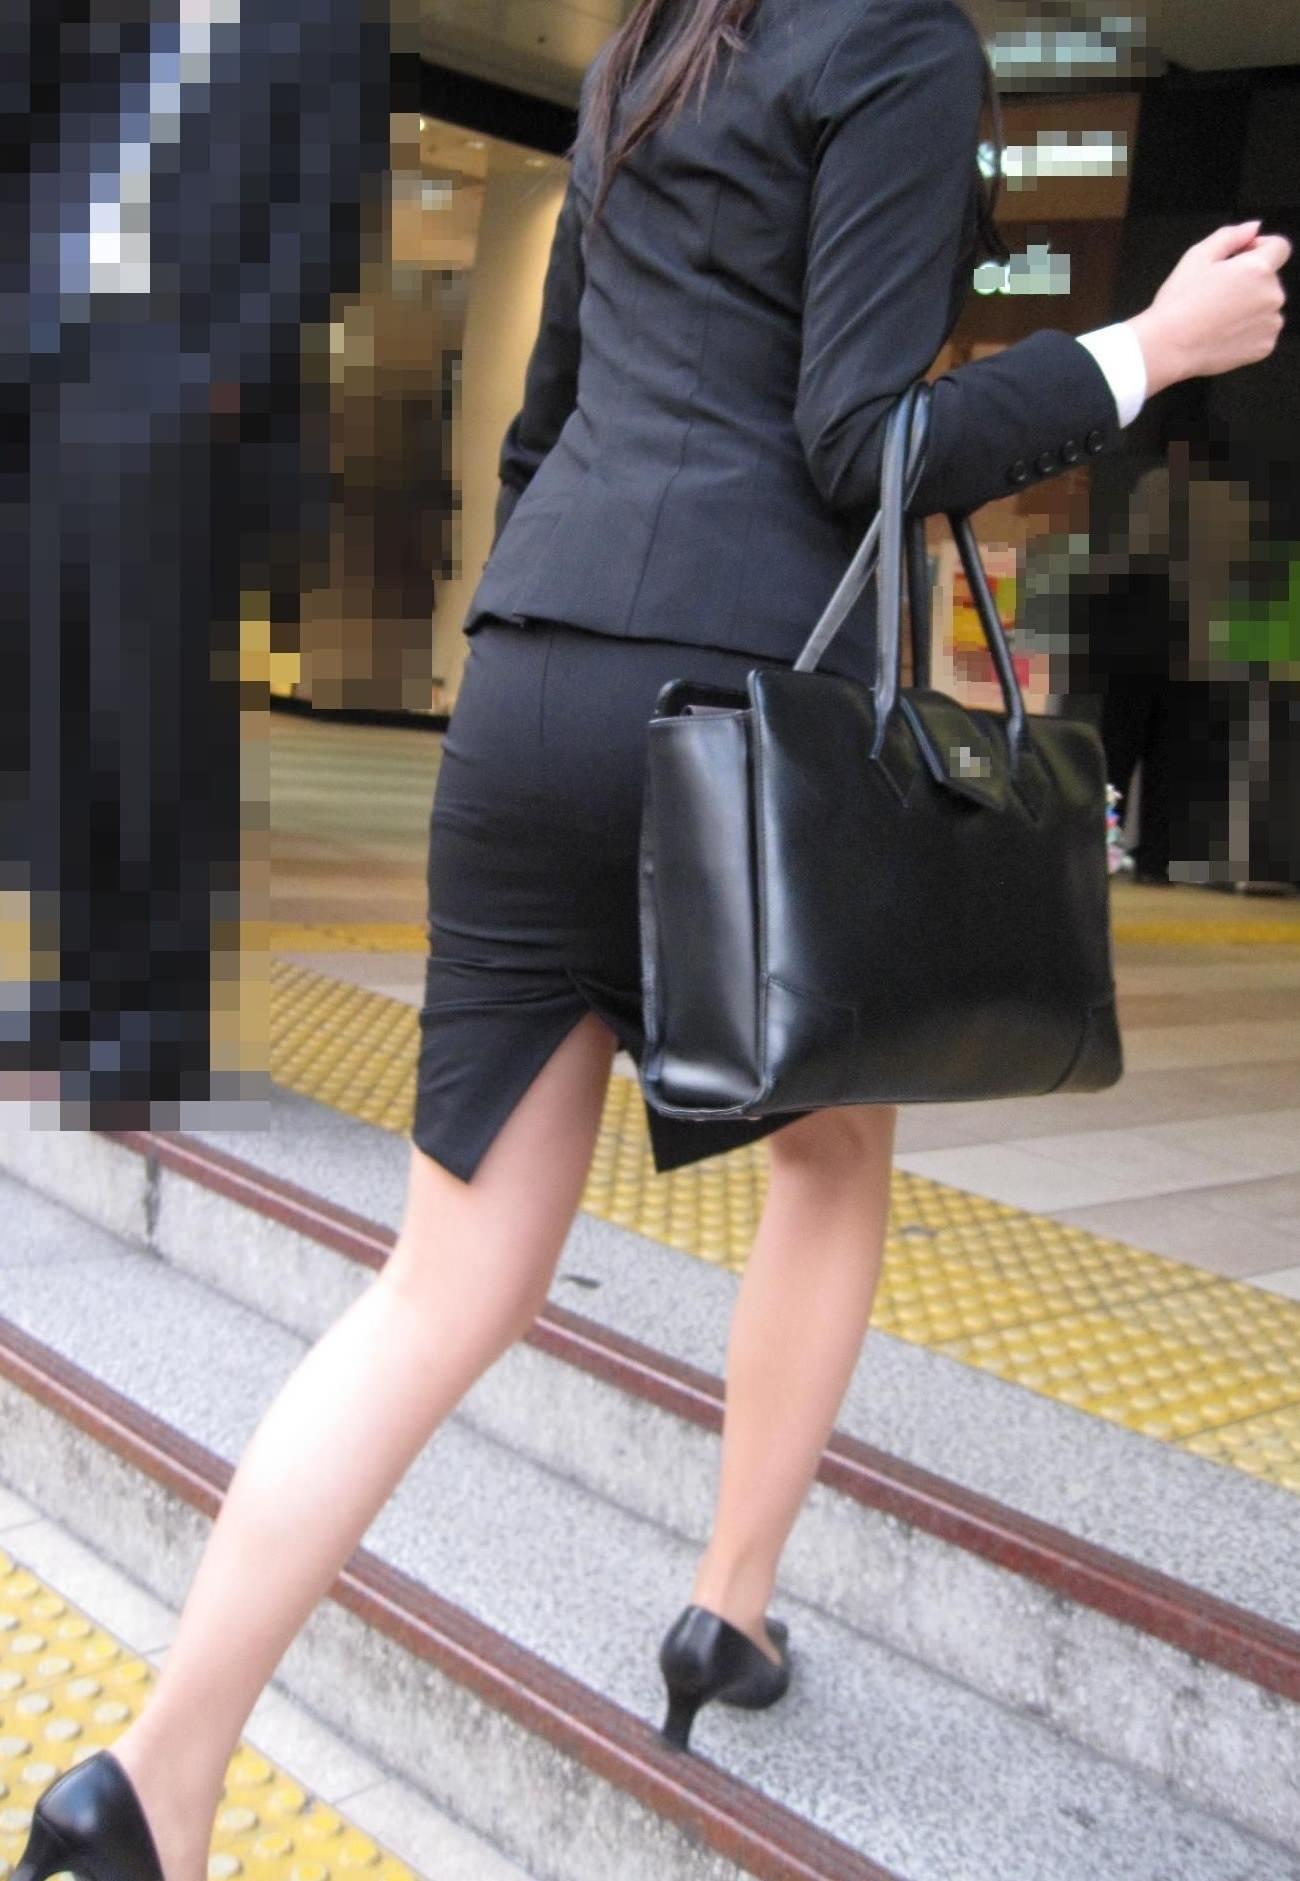 就活OLをストーカーが盗撮したタイトスカートのエロ画像5枚目